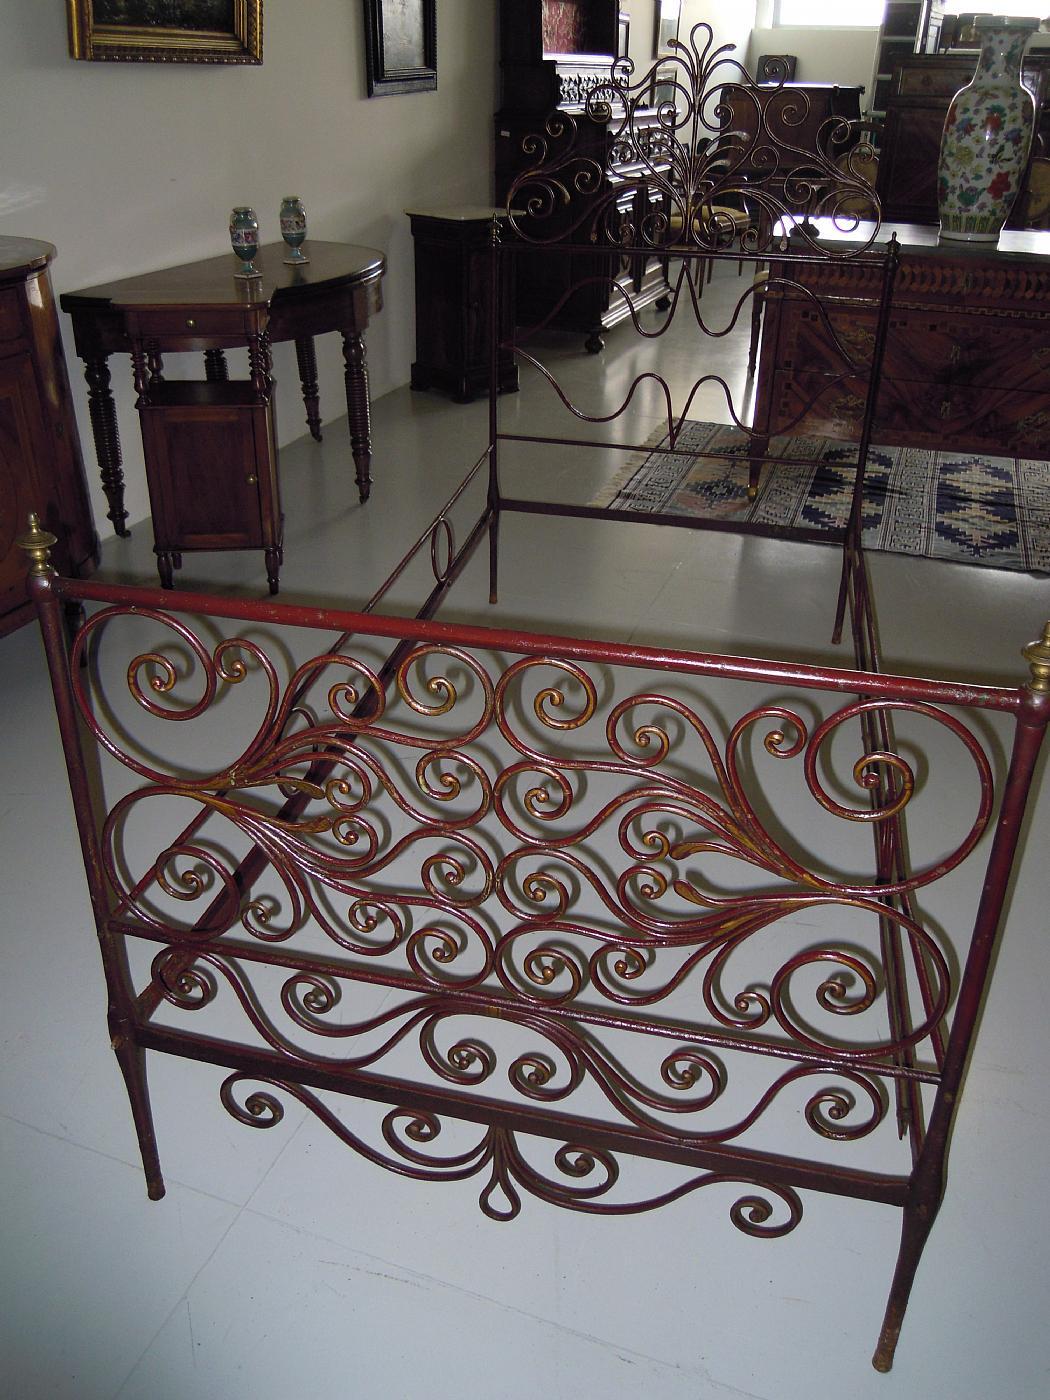 letto in ferro battuto genovese | Antiquariato su Anticoantico